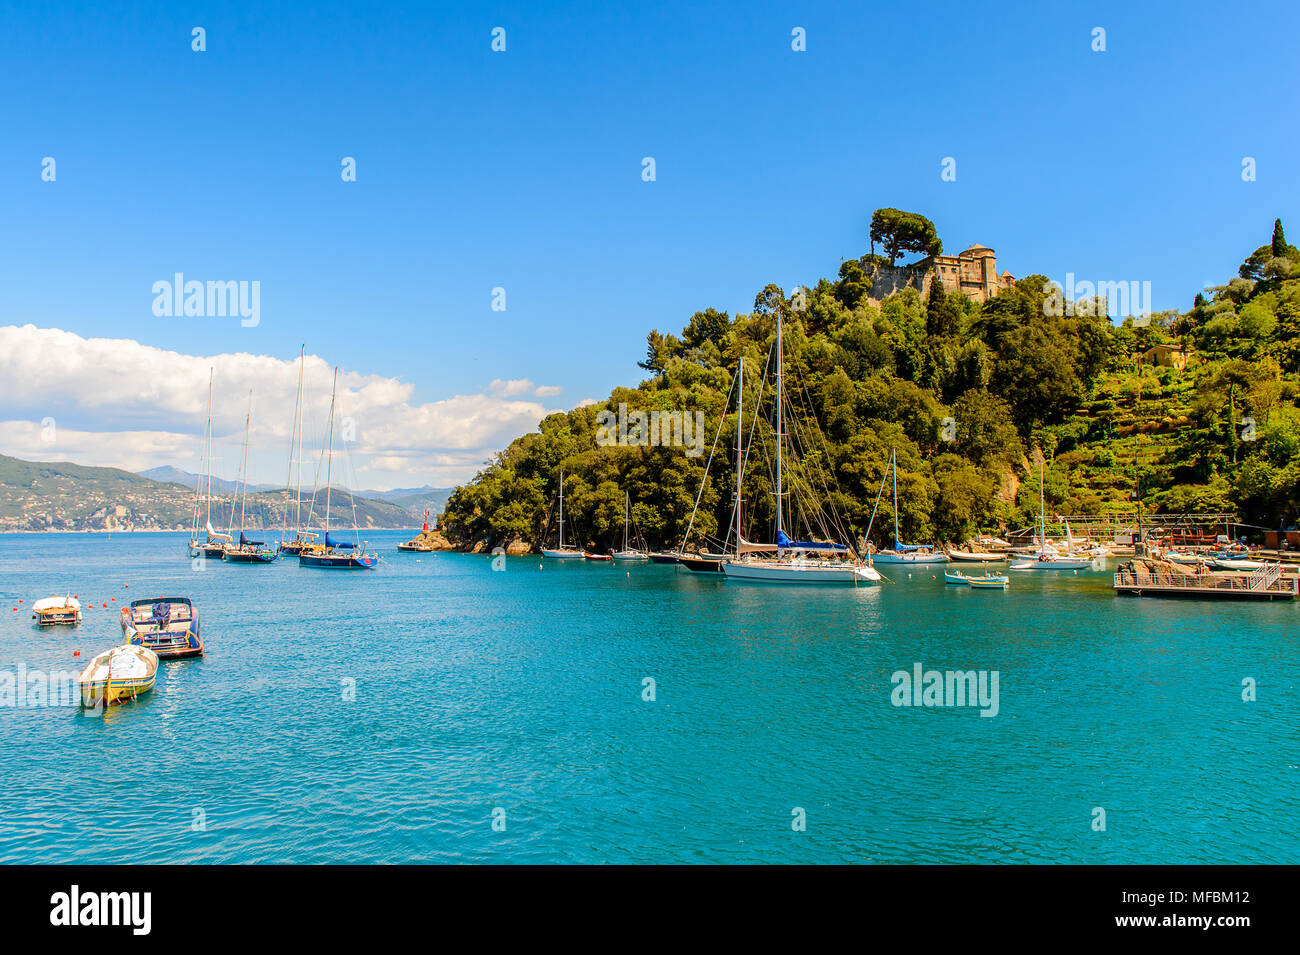 Port de Portofino, est un village de pêcheurs, province de Gênes, en Italie. Un lieu de villégiature avec un port pittoresque et avec la célébrité et l'artiste Photo Stock